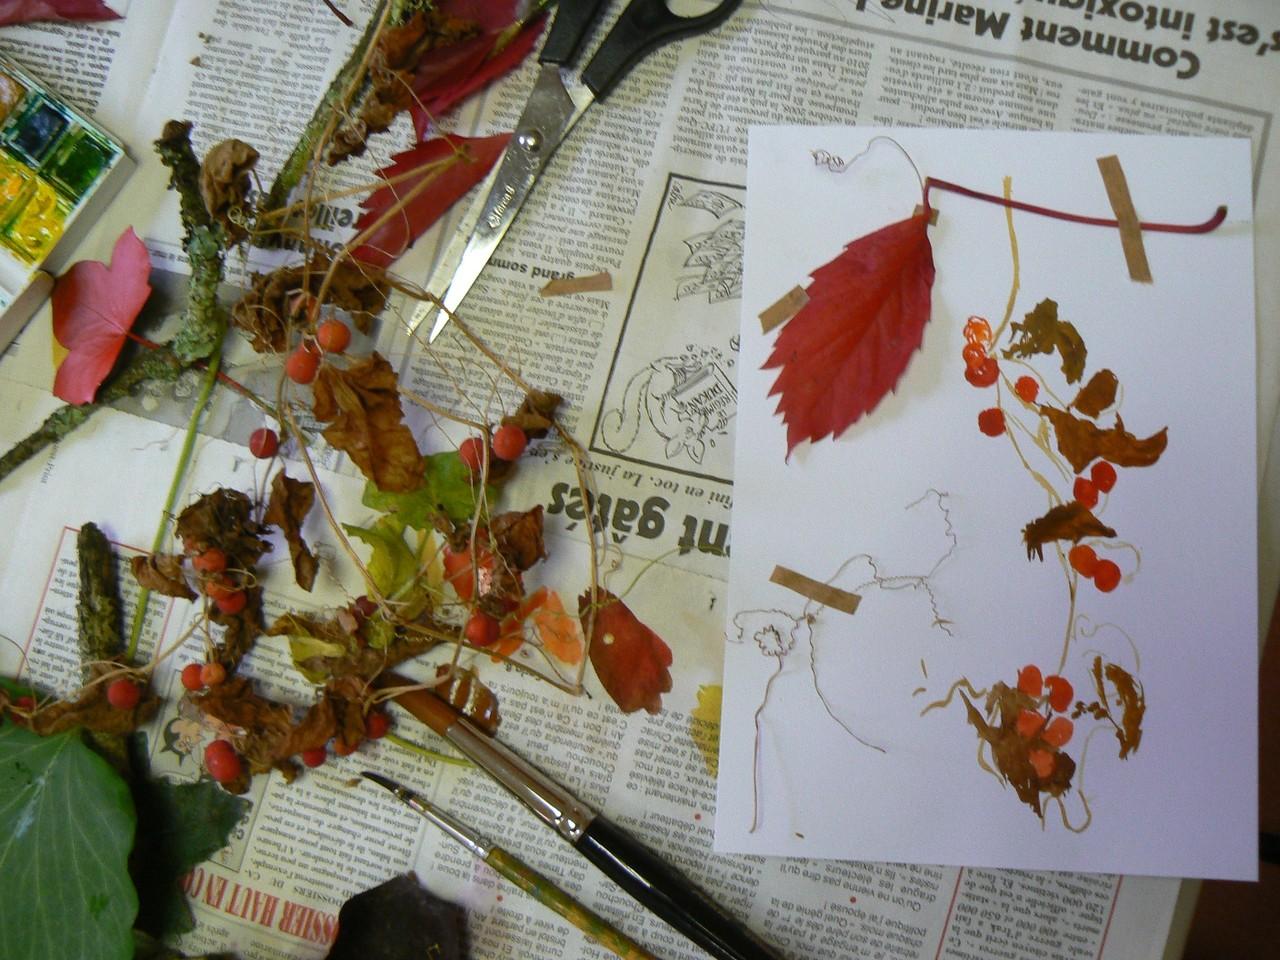 Récolte en couleur, atelier Carnet de voyage, Villandraut